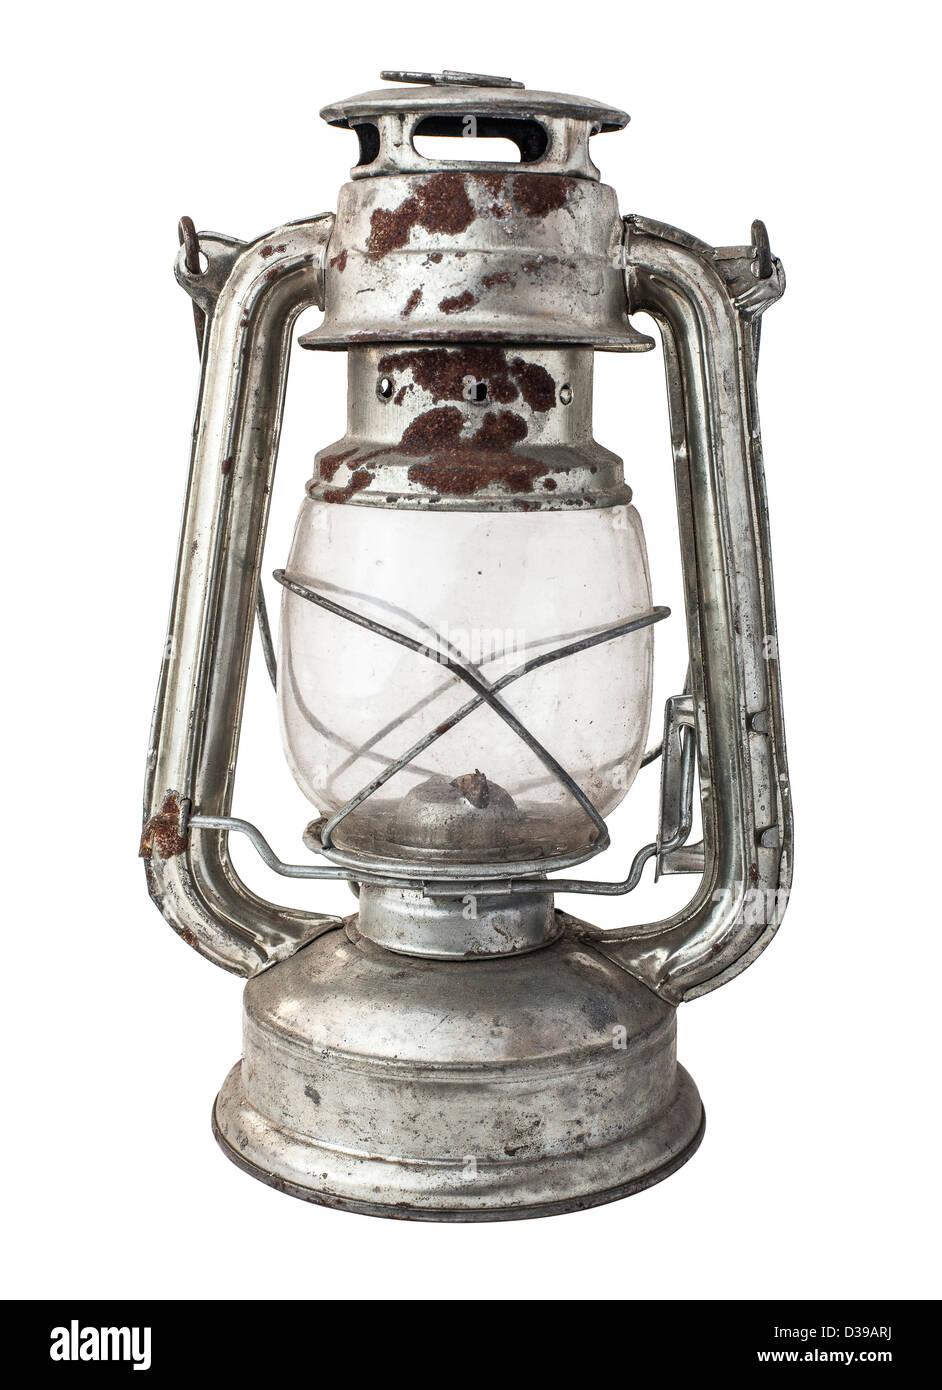 kerosene lamp on a white background - Stock Image